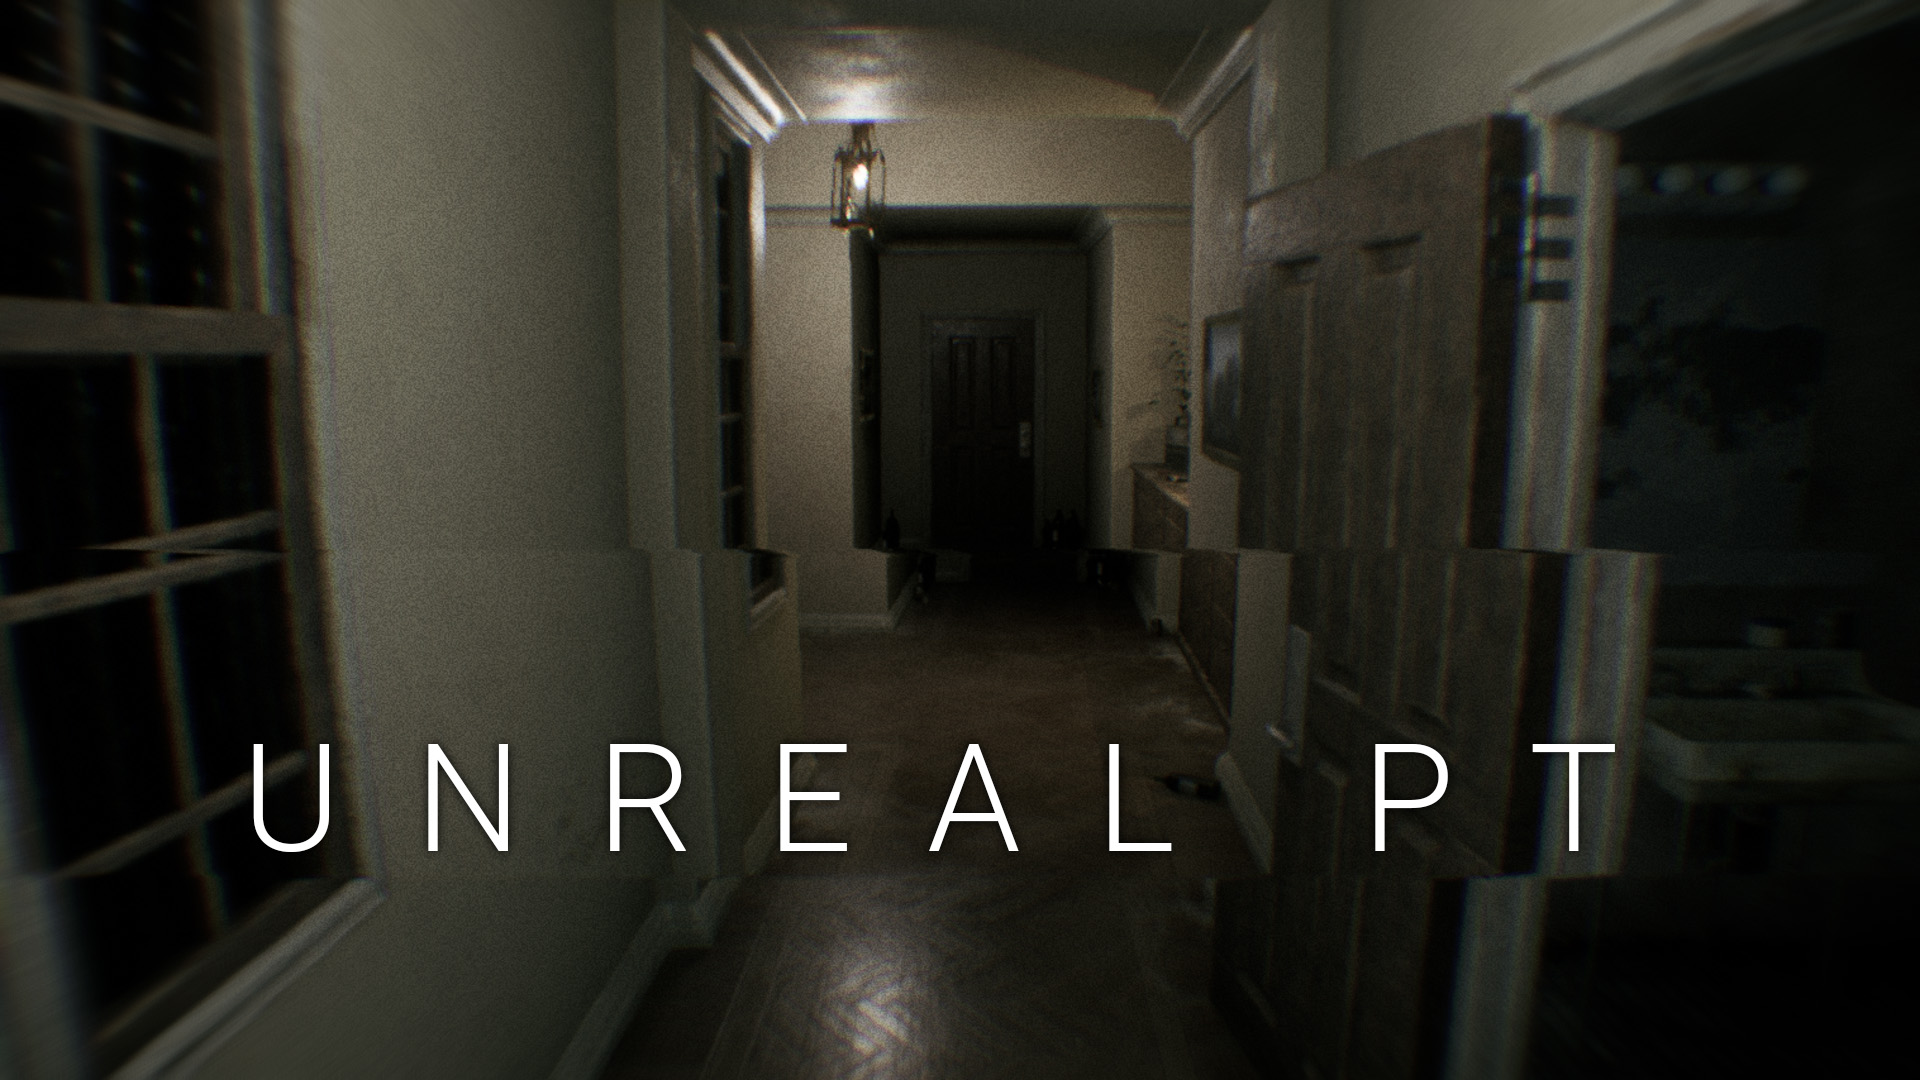 Unreal PT es otro remake de Silent Hills P.T. para PC y con soporte para VR